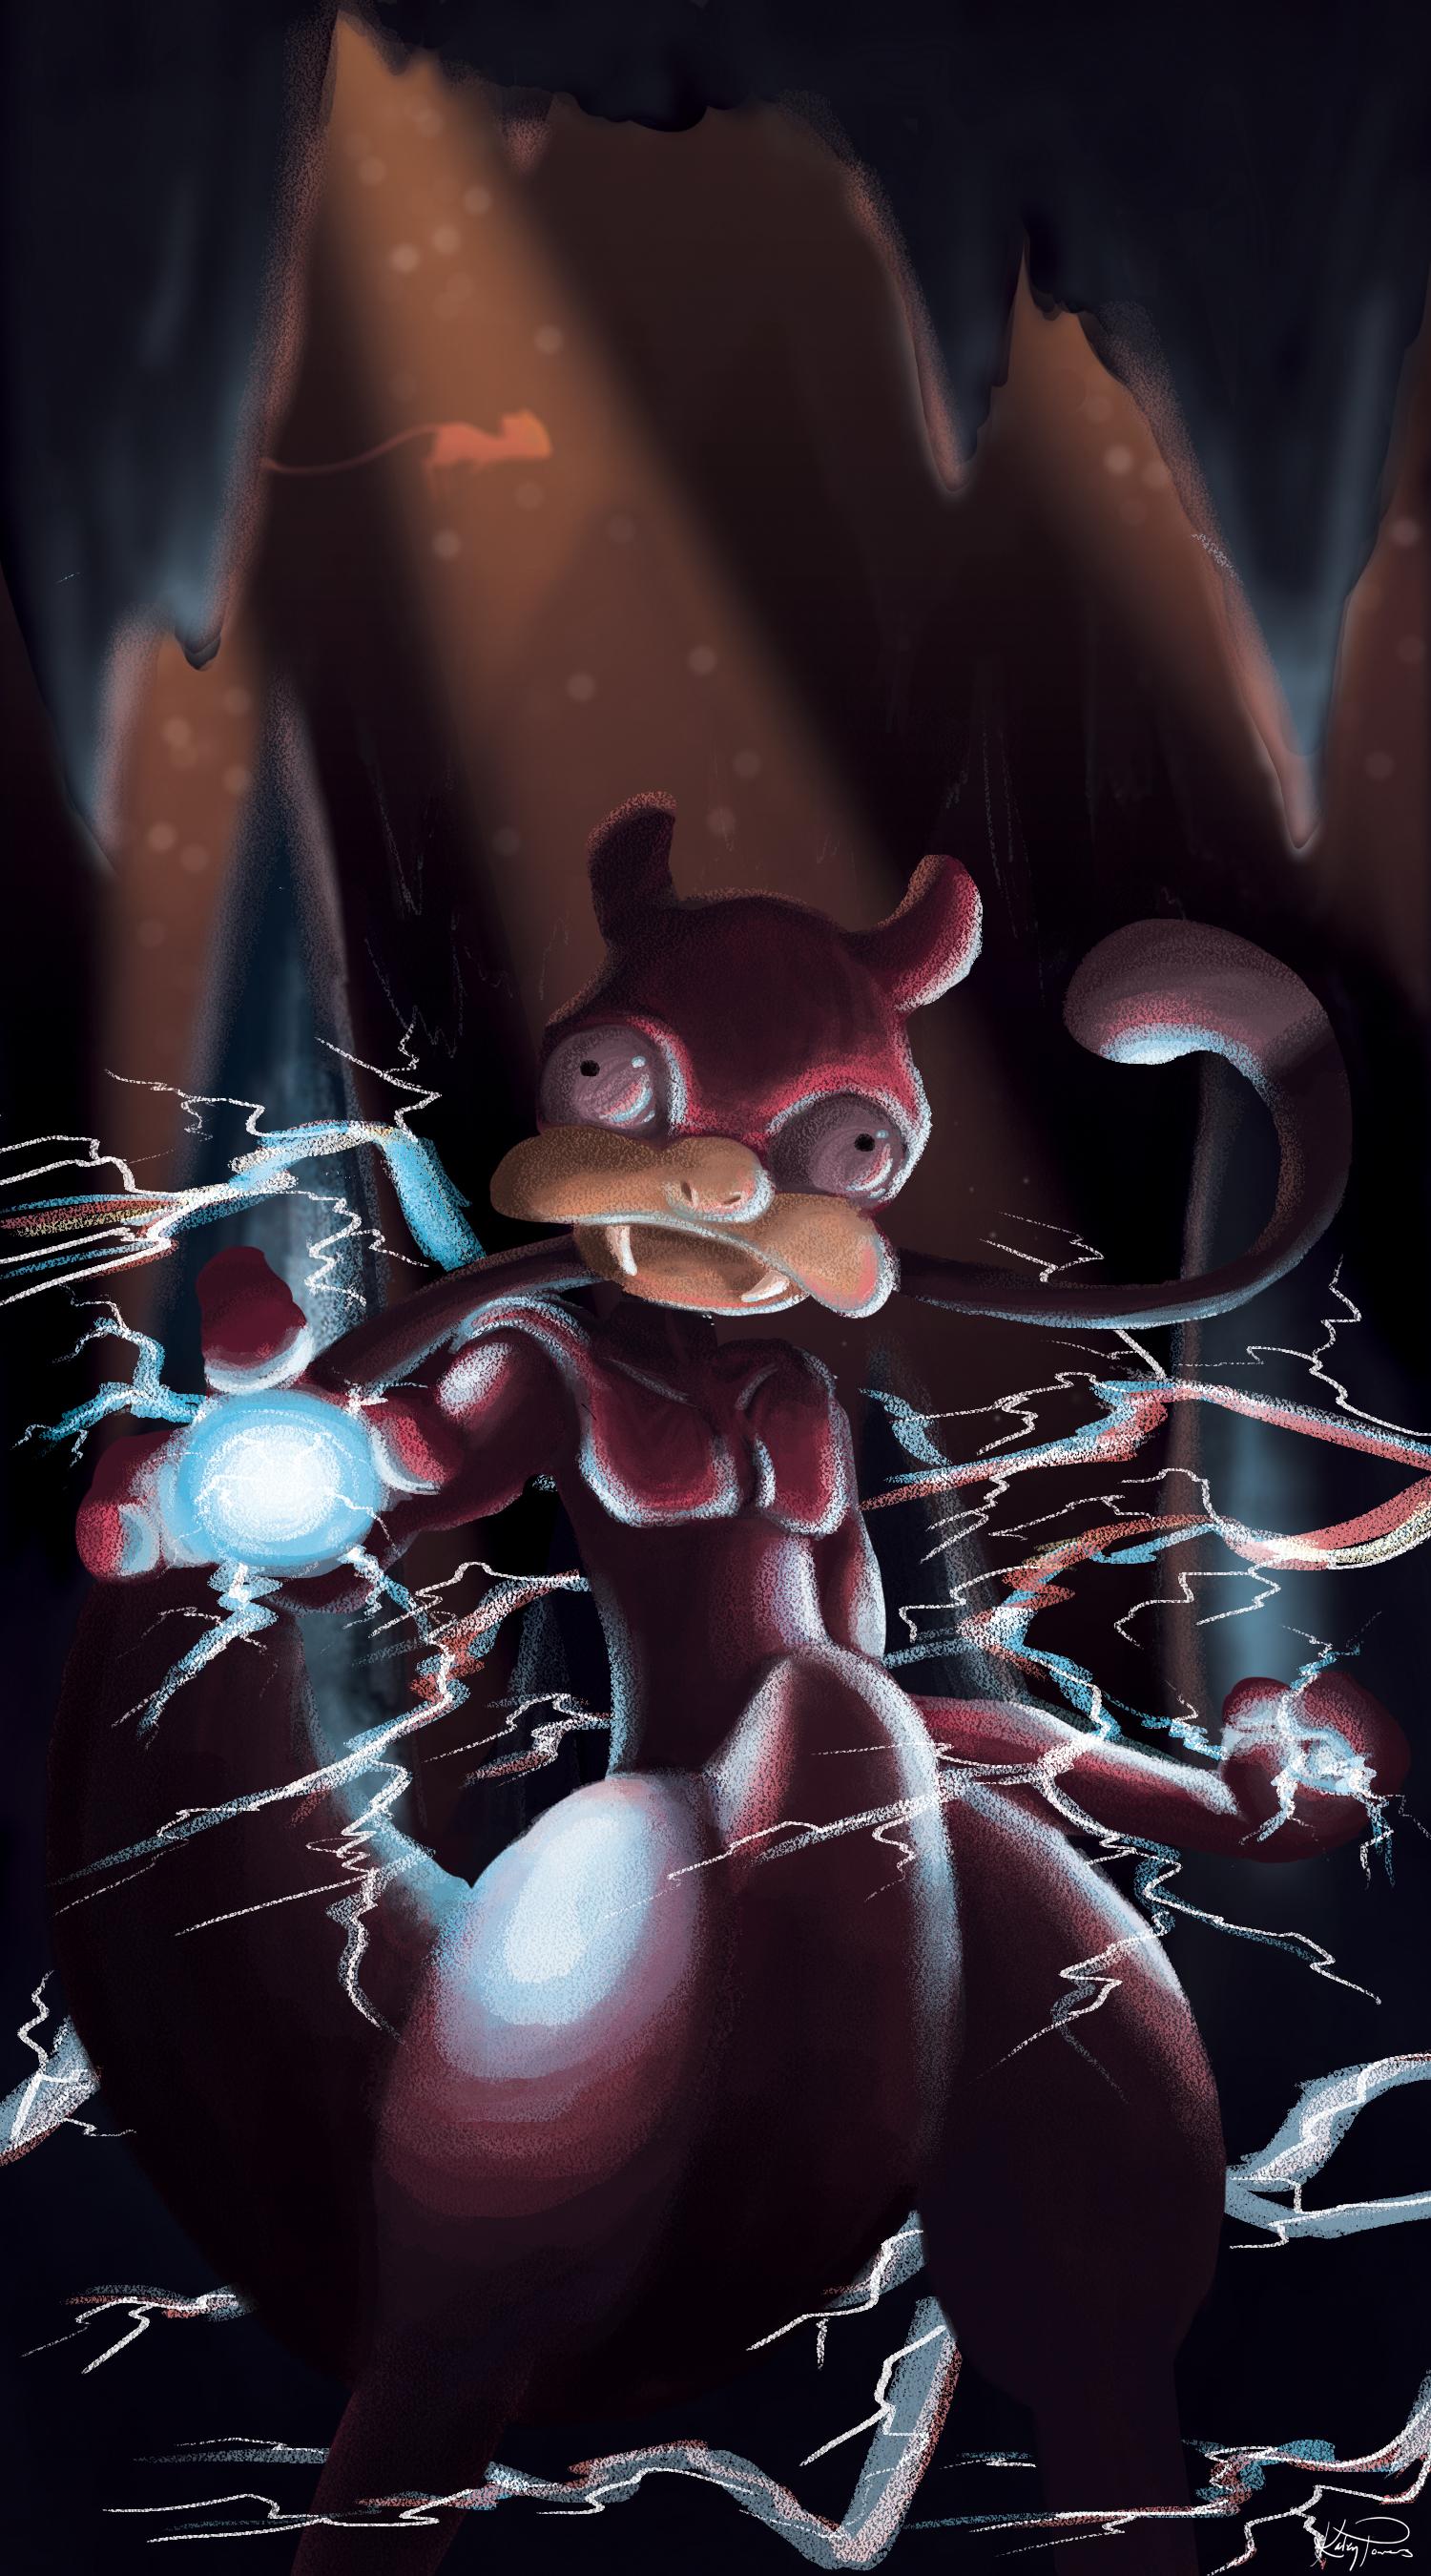 Mewtwo + Slowpoke = TwoPoke